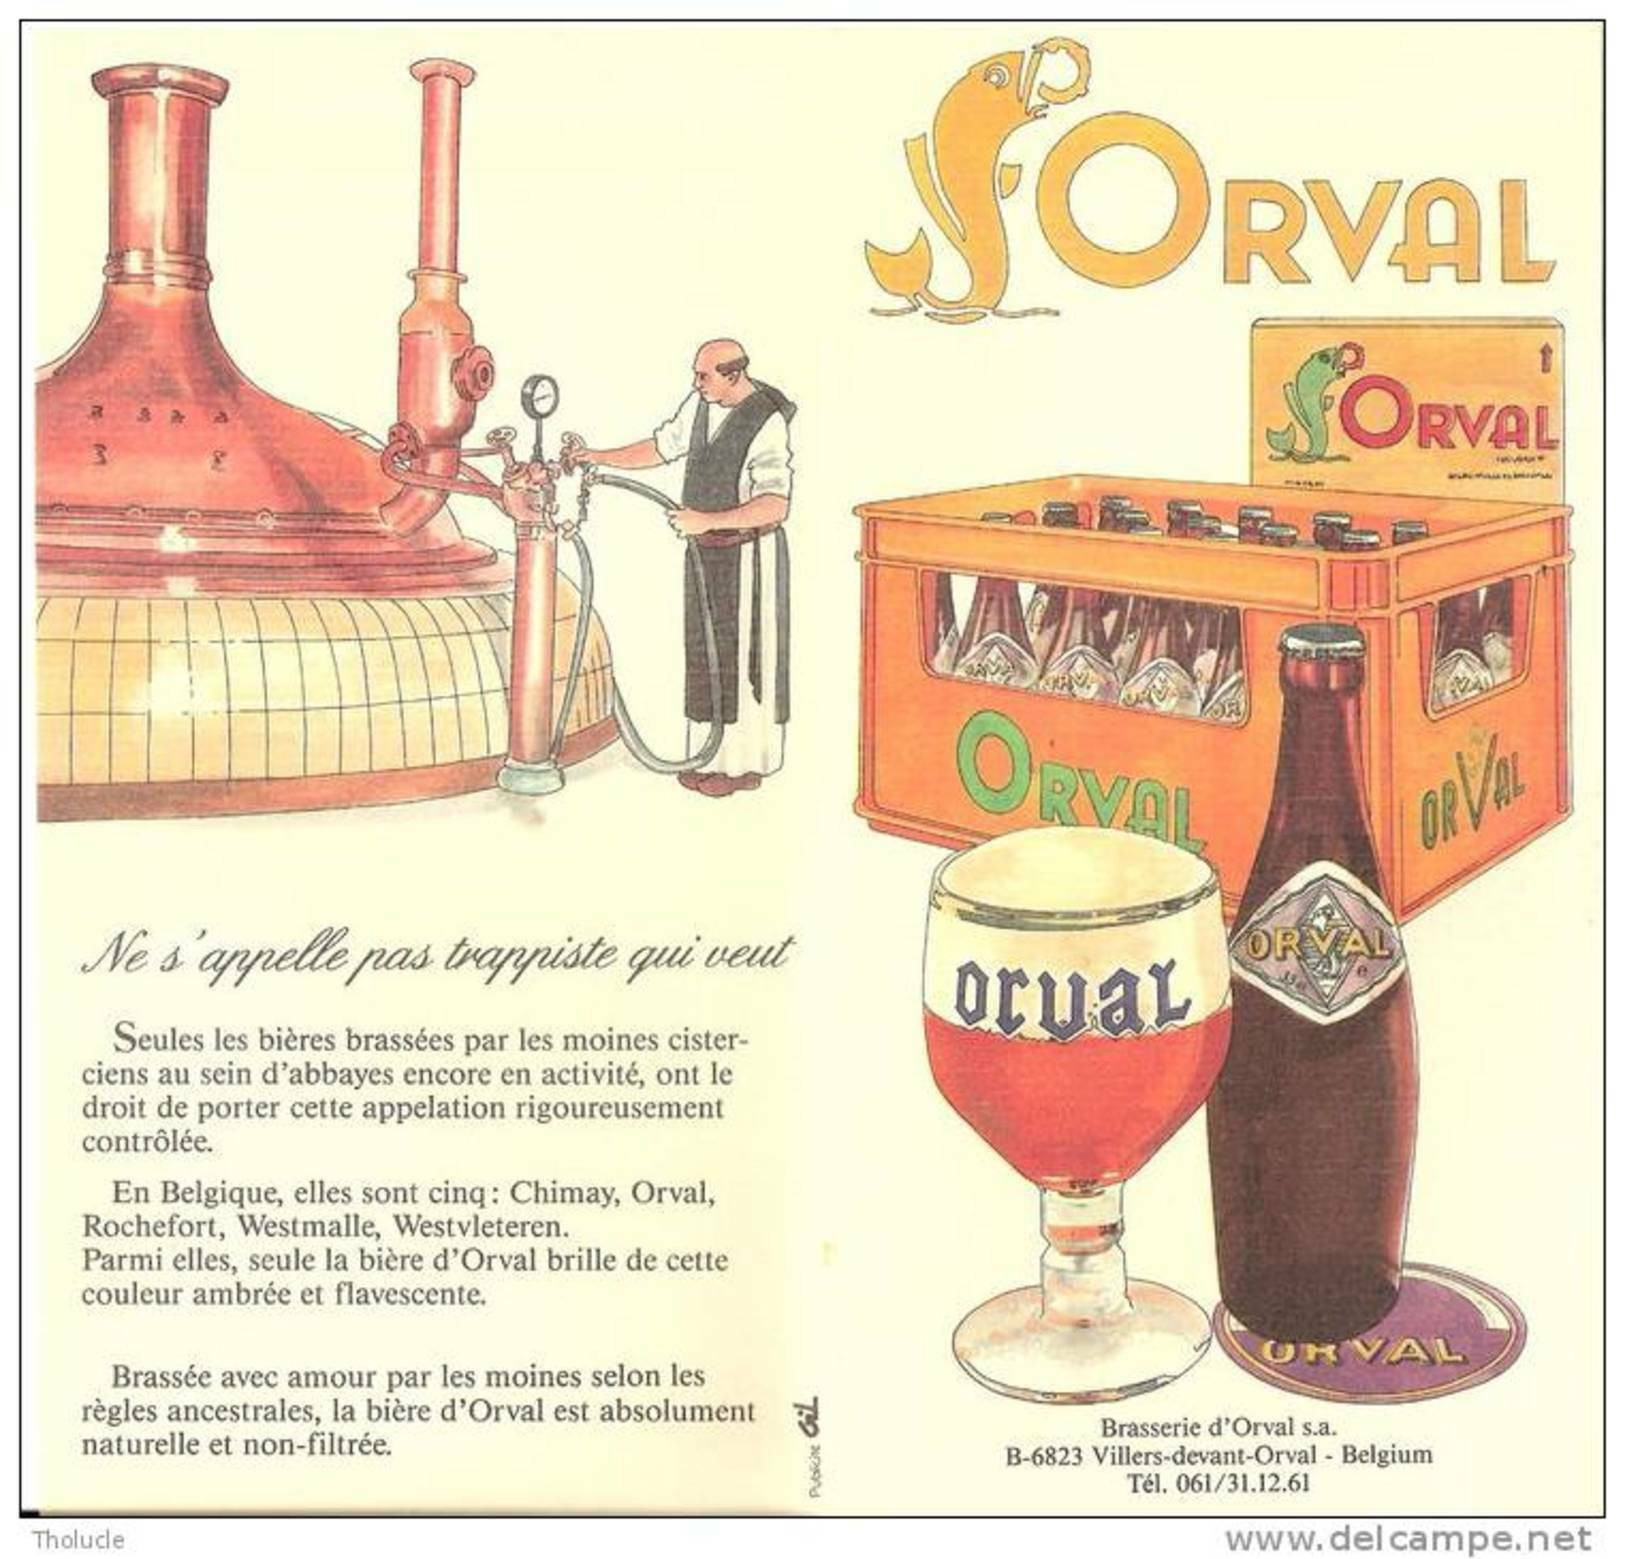 Orval-Feuillet Publicitaire (Abbaye-bière-Trappiste-historique)-Publicité De +/-1970-Editée Par La Brasserie D'Orval - Ohne Zuordnung